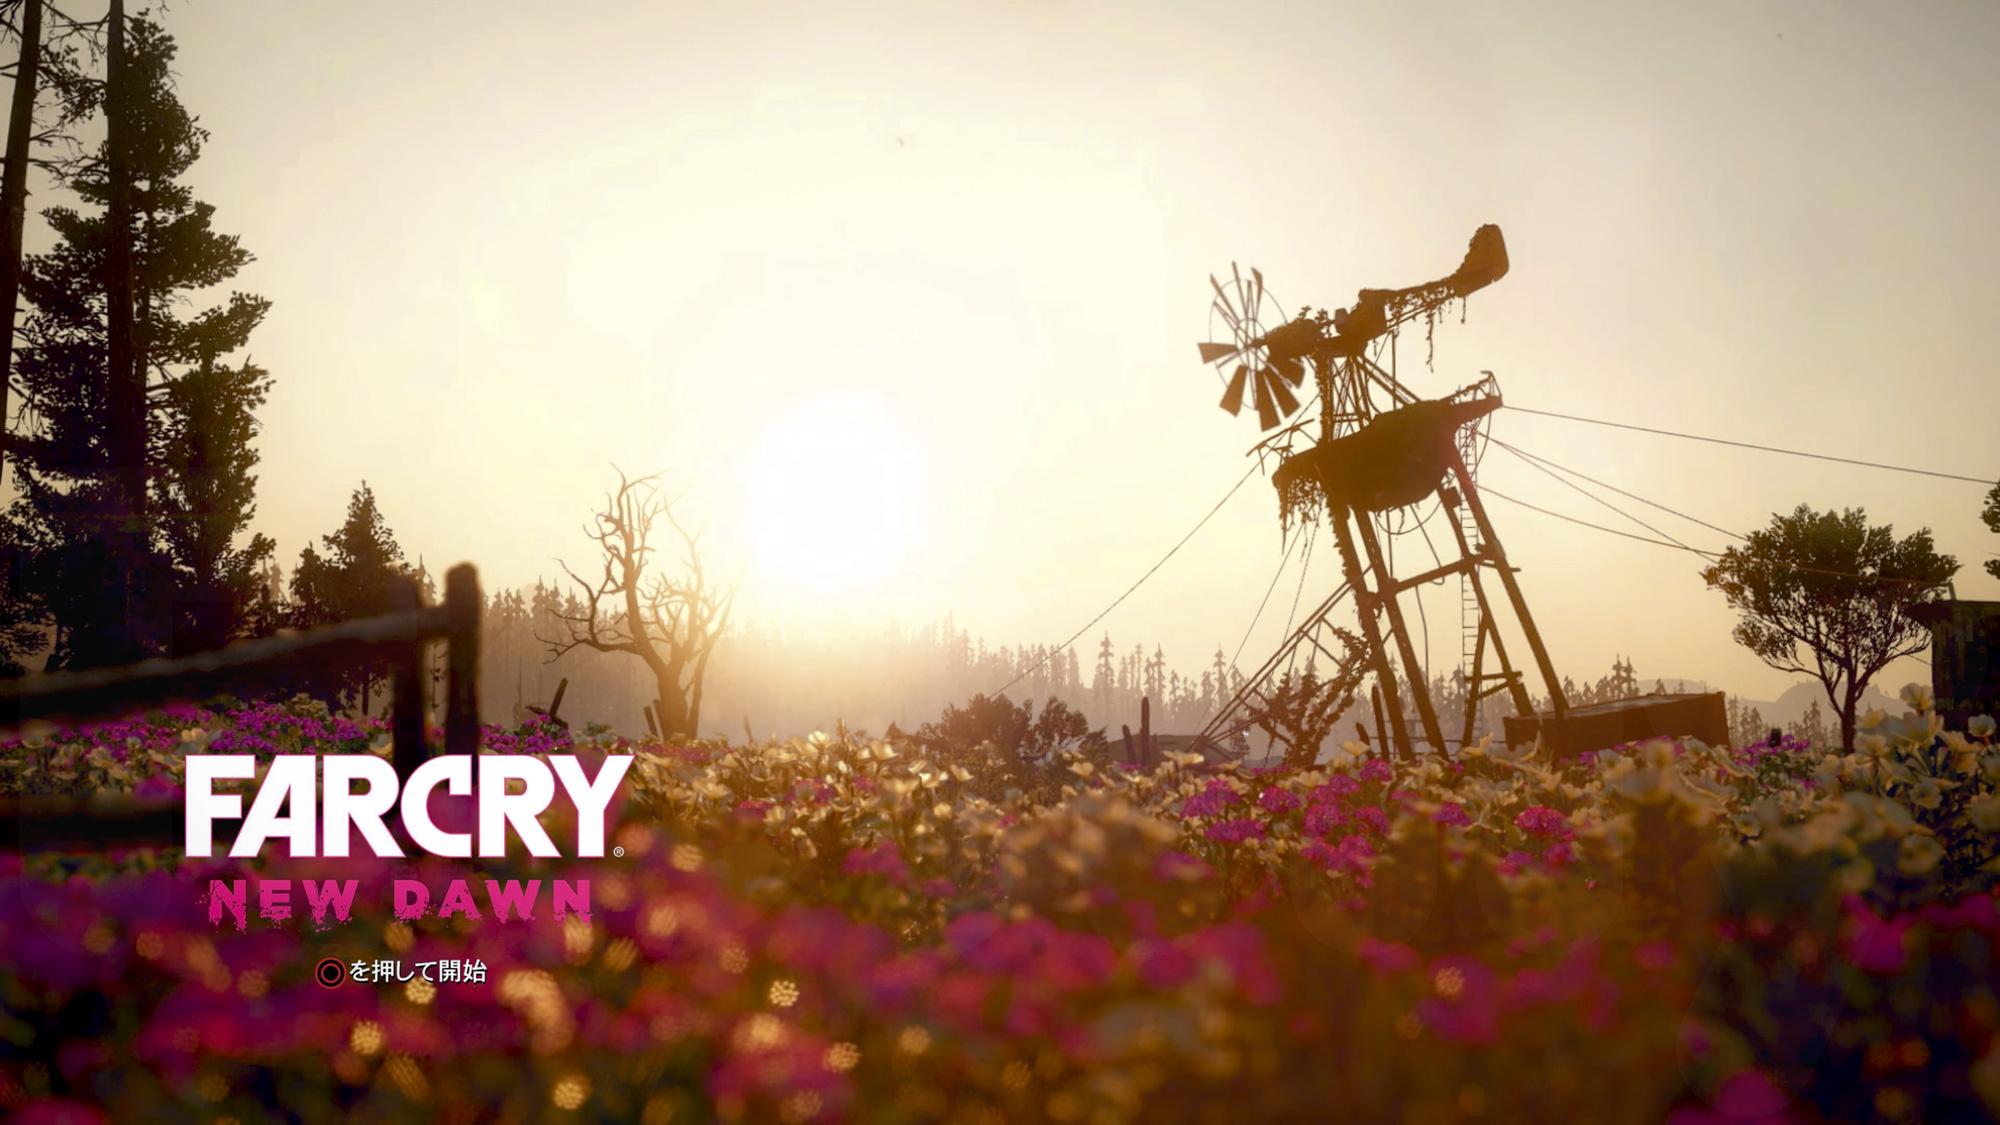 FARCRY NEW DAWN タイトル画面